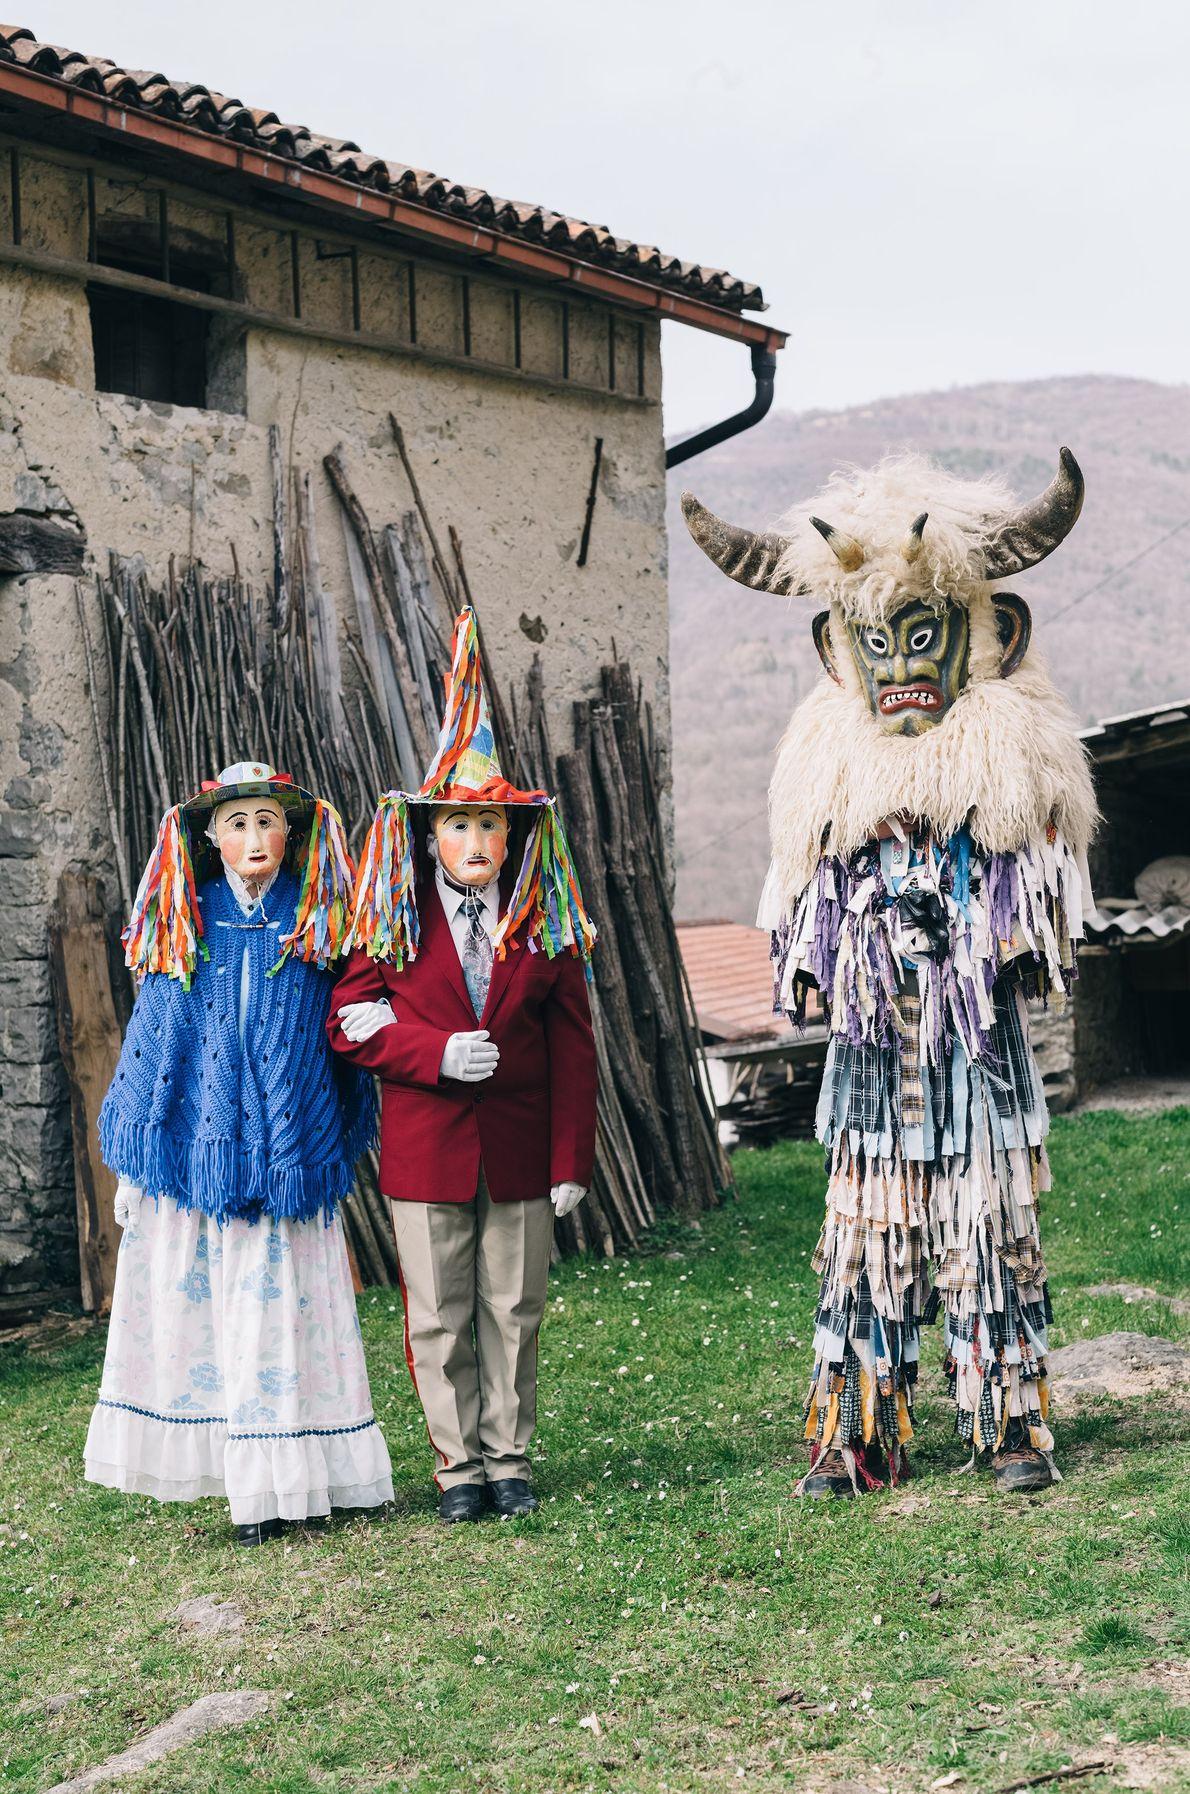 Le clan des Beaux (ta lepi dans le dialecte local) d'Ukanje comprend un couple marié (à ...